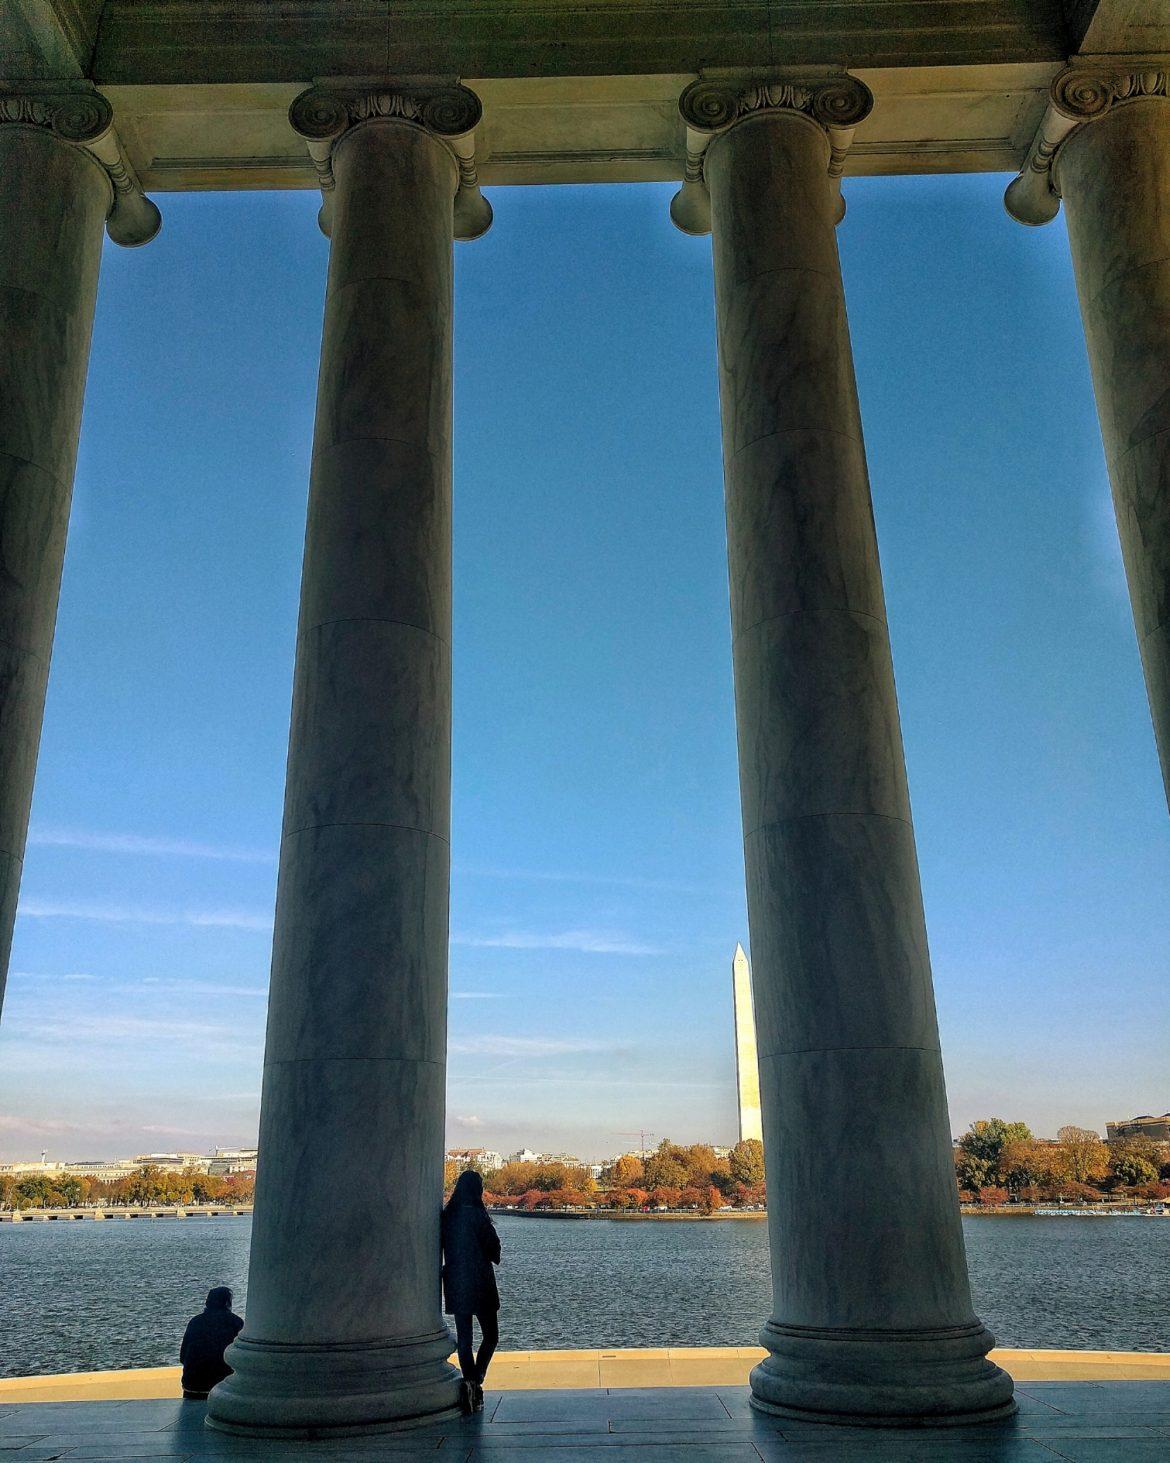 osservando il lago tra le colonne